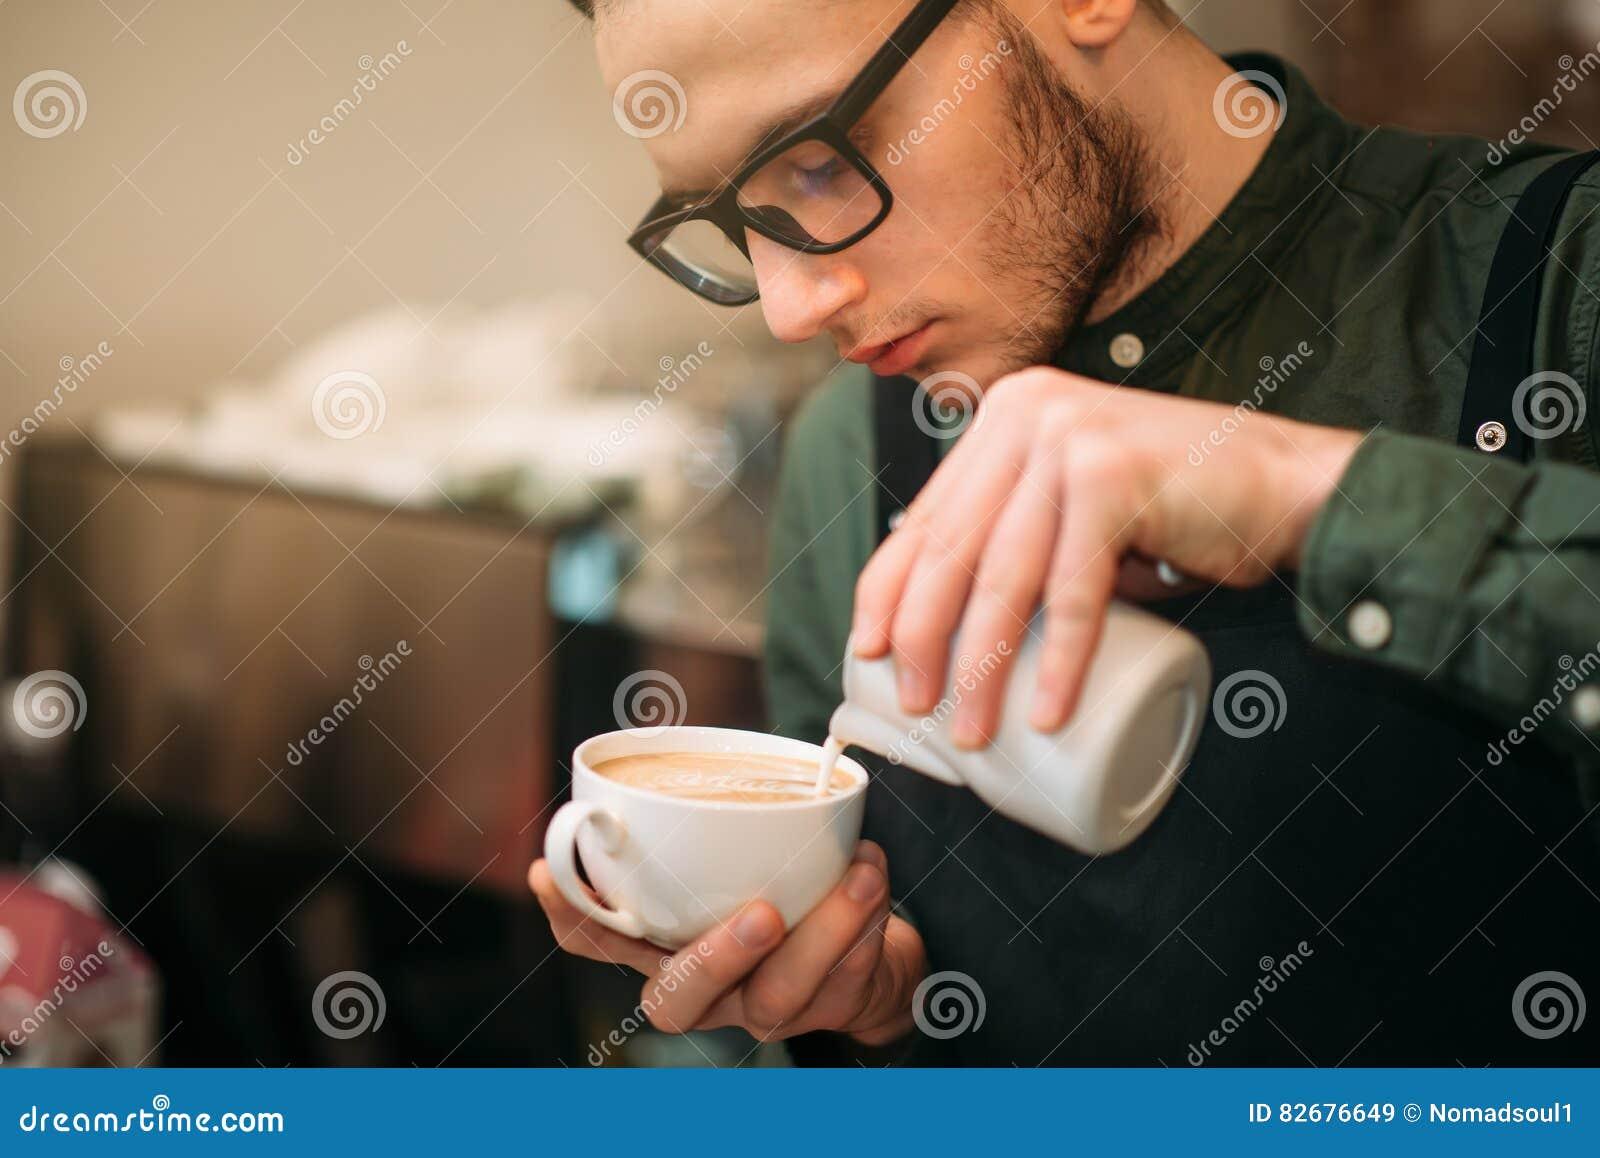 Nahaufnahme von den männlichen Händen, die Creme Kaffee hinzufügen